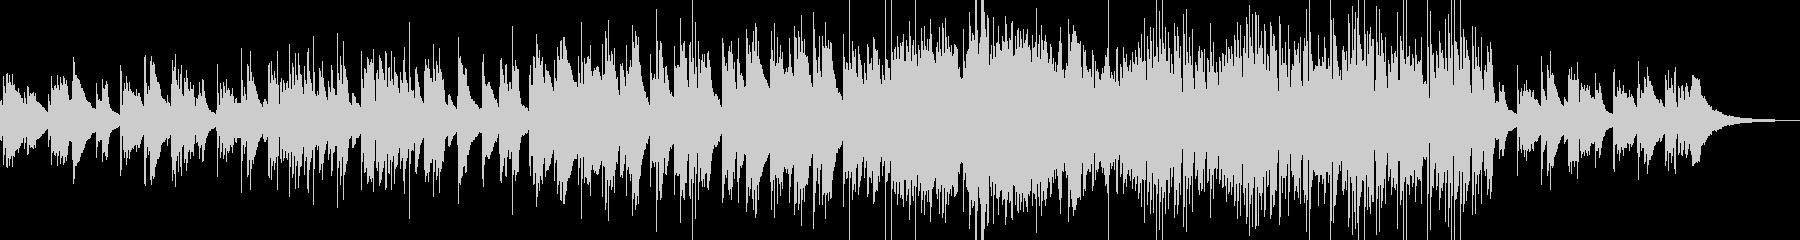 アコギのアルペジオを基調としたバラードの未再生の波形